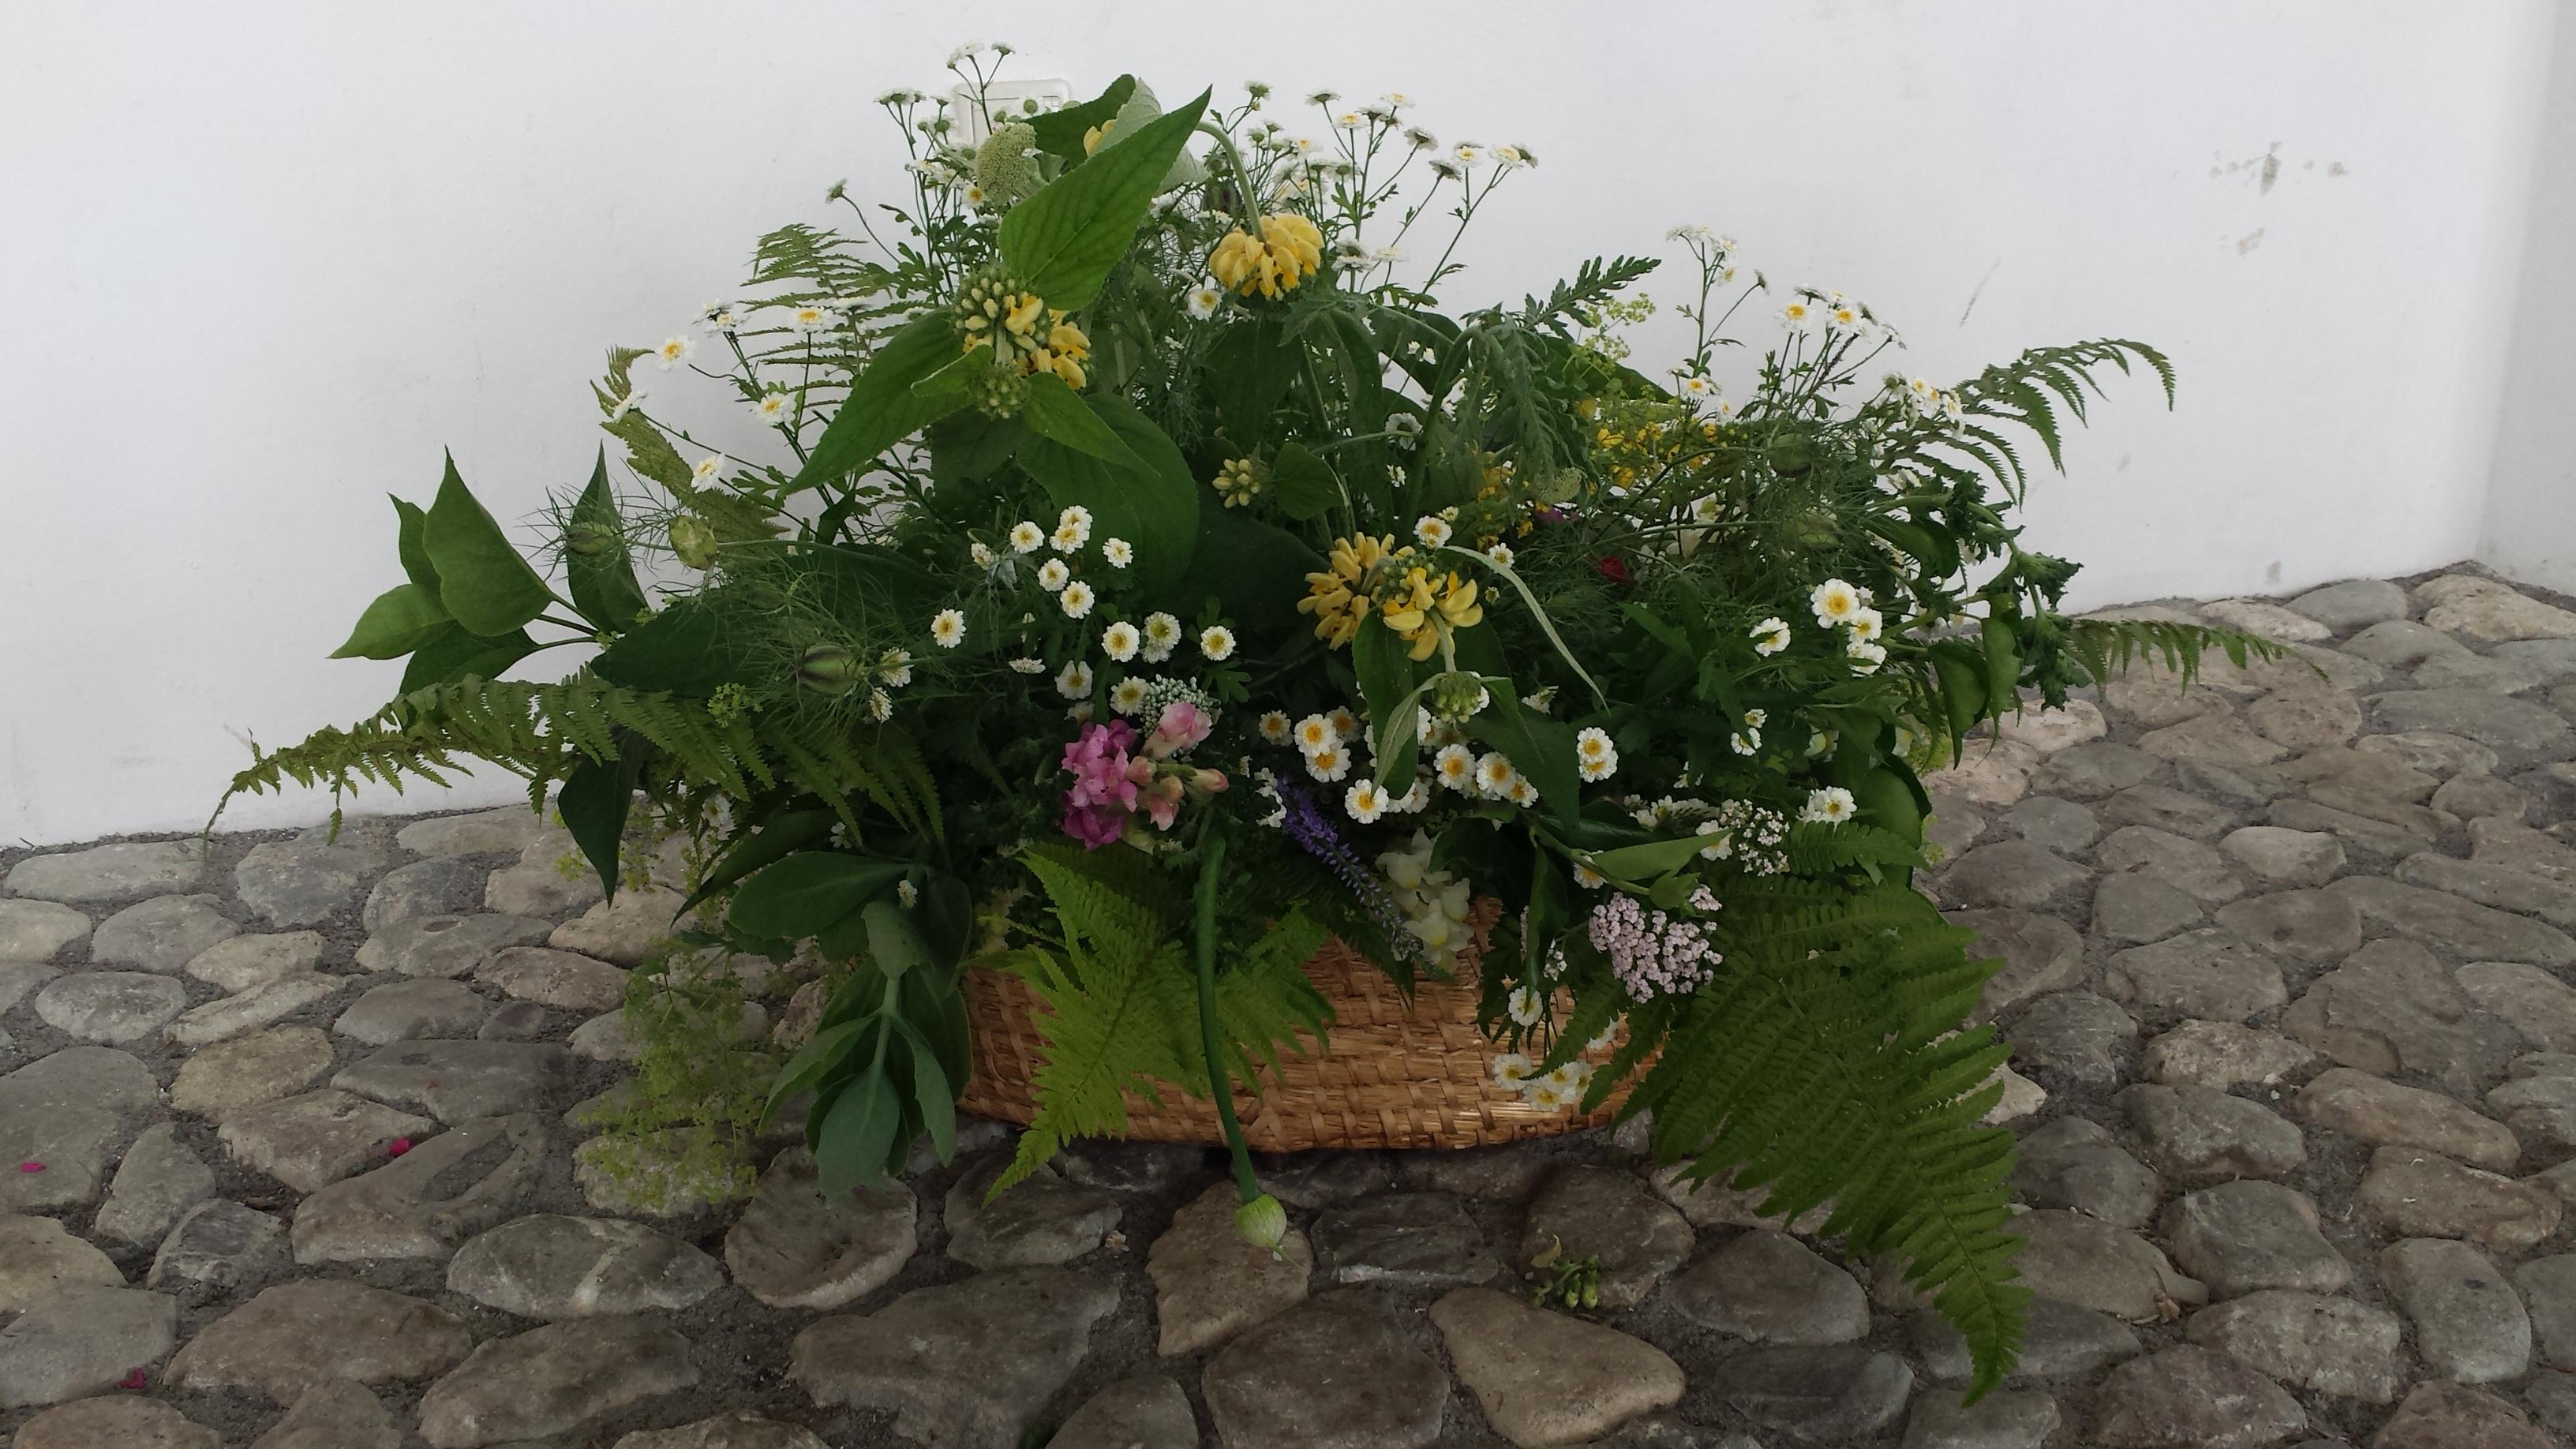 Blumenschmuck Hoangarten 2016